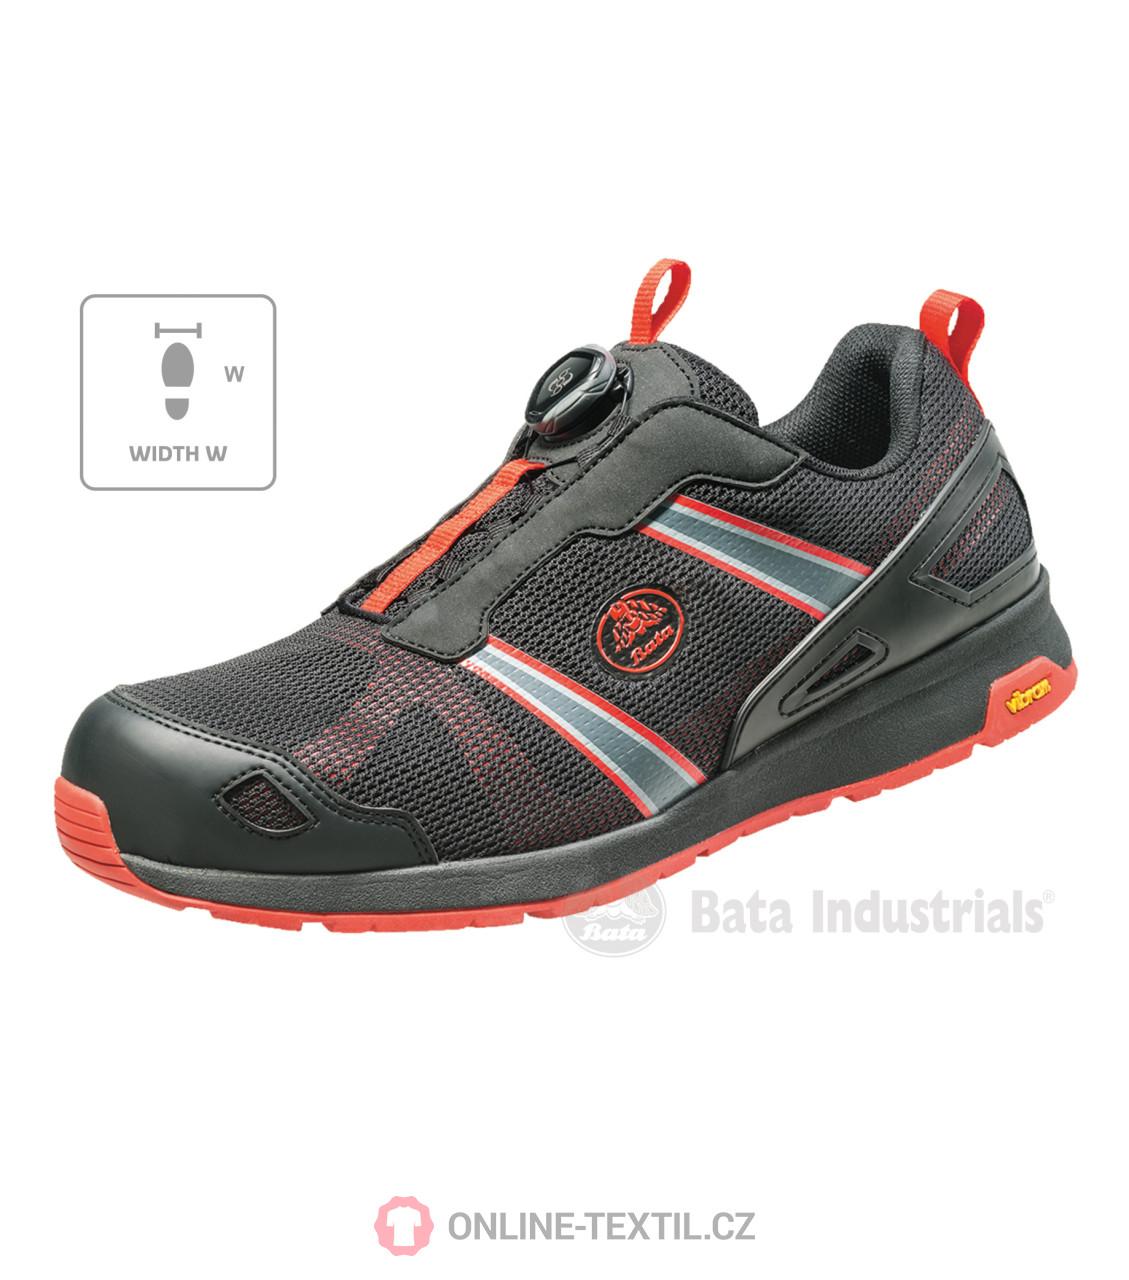 ac9c50f9b0bd Bata Industrials Bezpečnostná obuv S1P Bata Industrials B51 - čierna ...